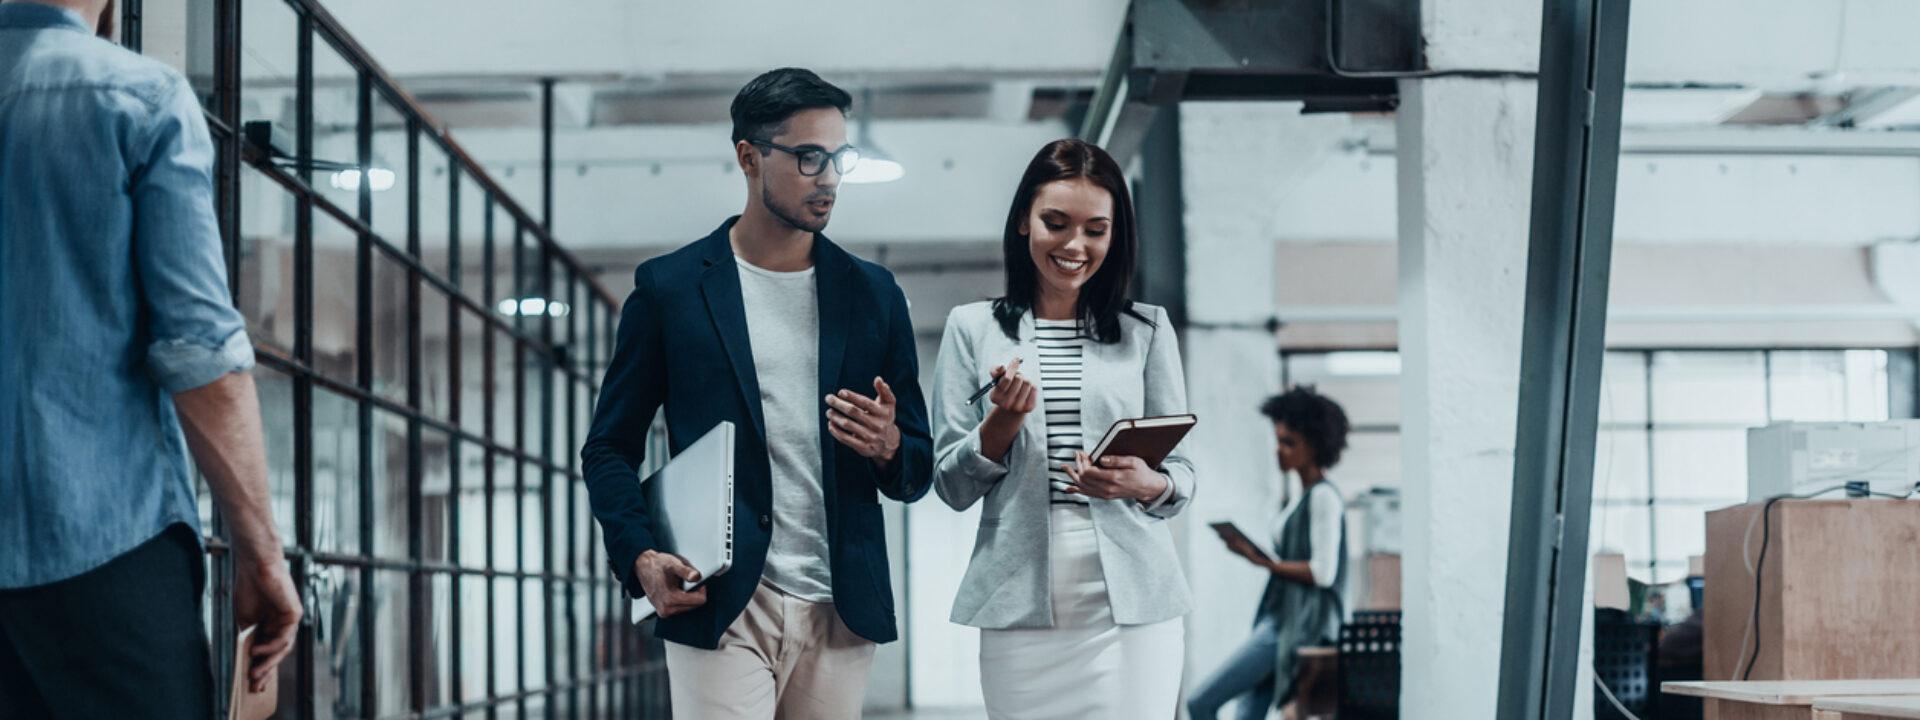 Hospitality & details: Hoe je als kantoorlocatie écht kan scoren op gastvrijheid